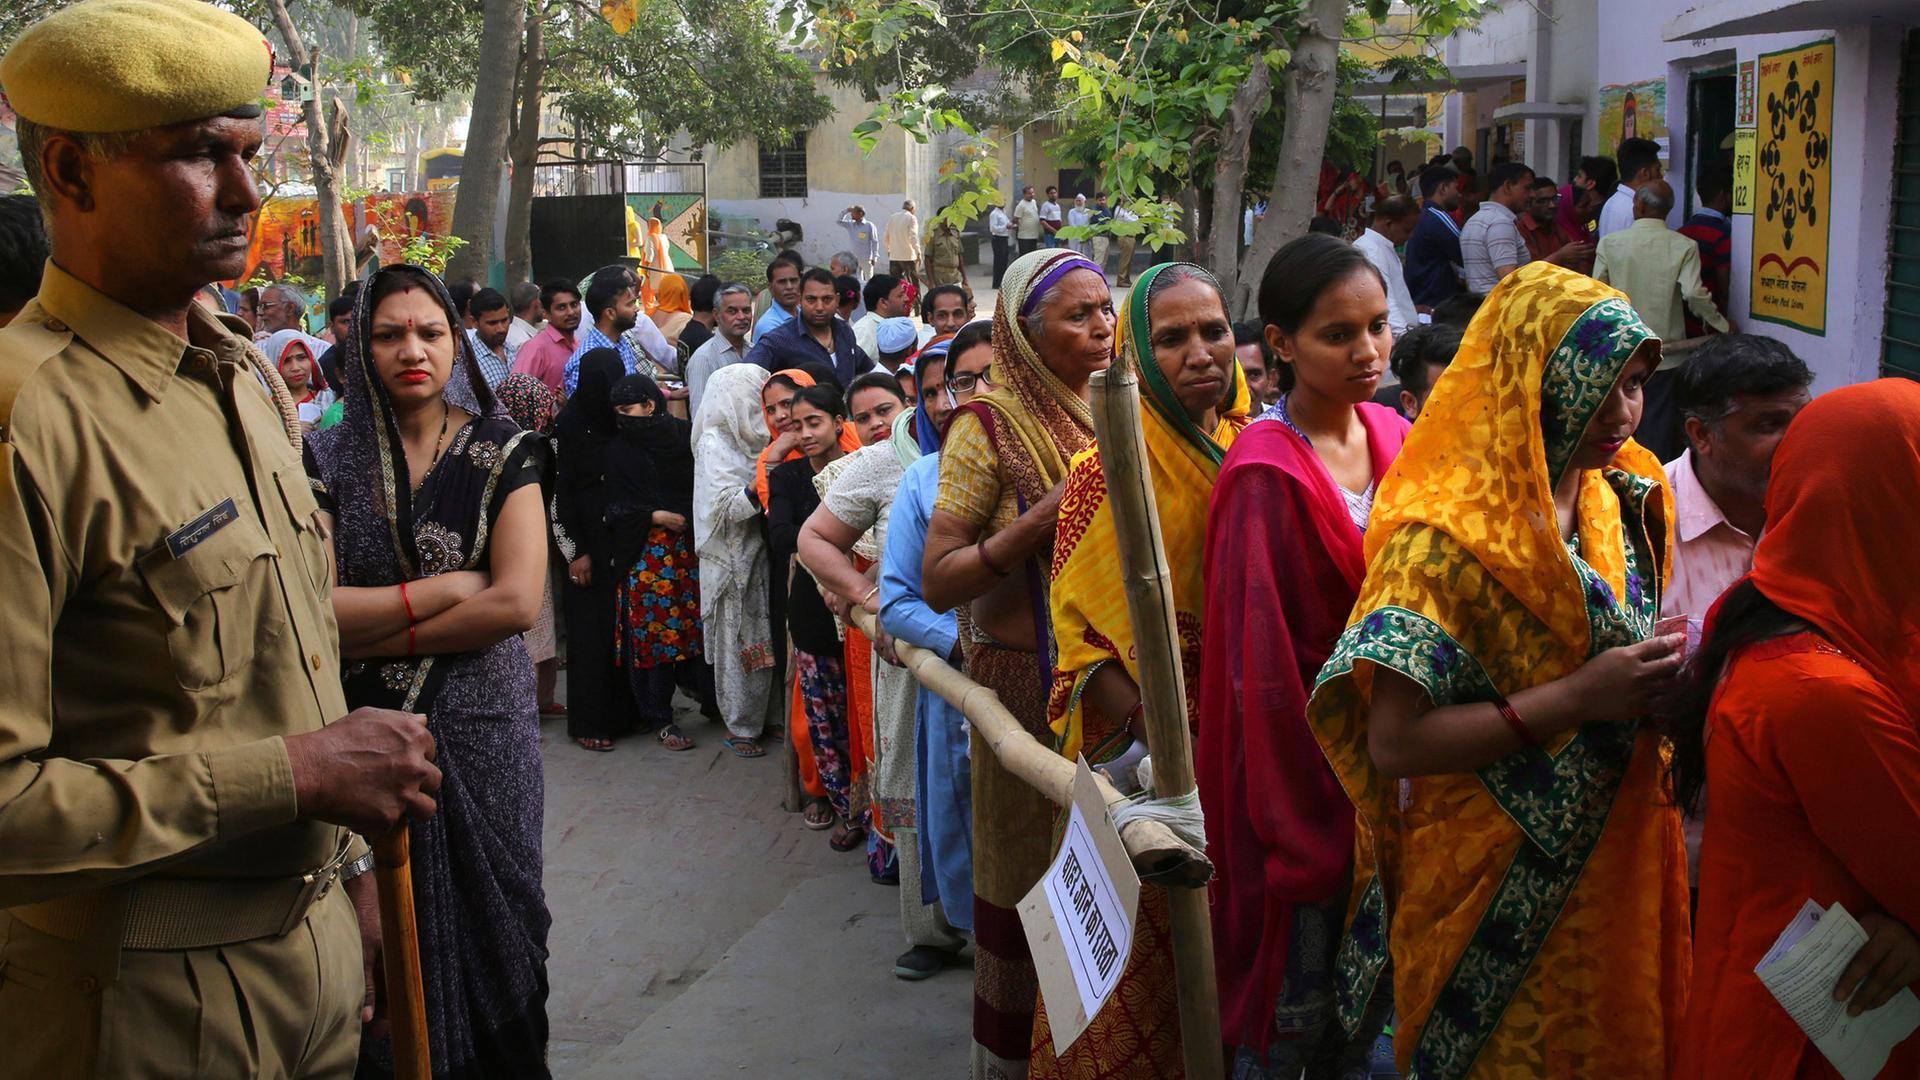 Menschen warten vor einem Wahllokal in Indien, aufgenommen am 14.04.2019 in Ghaziabad, Indien